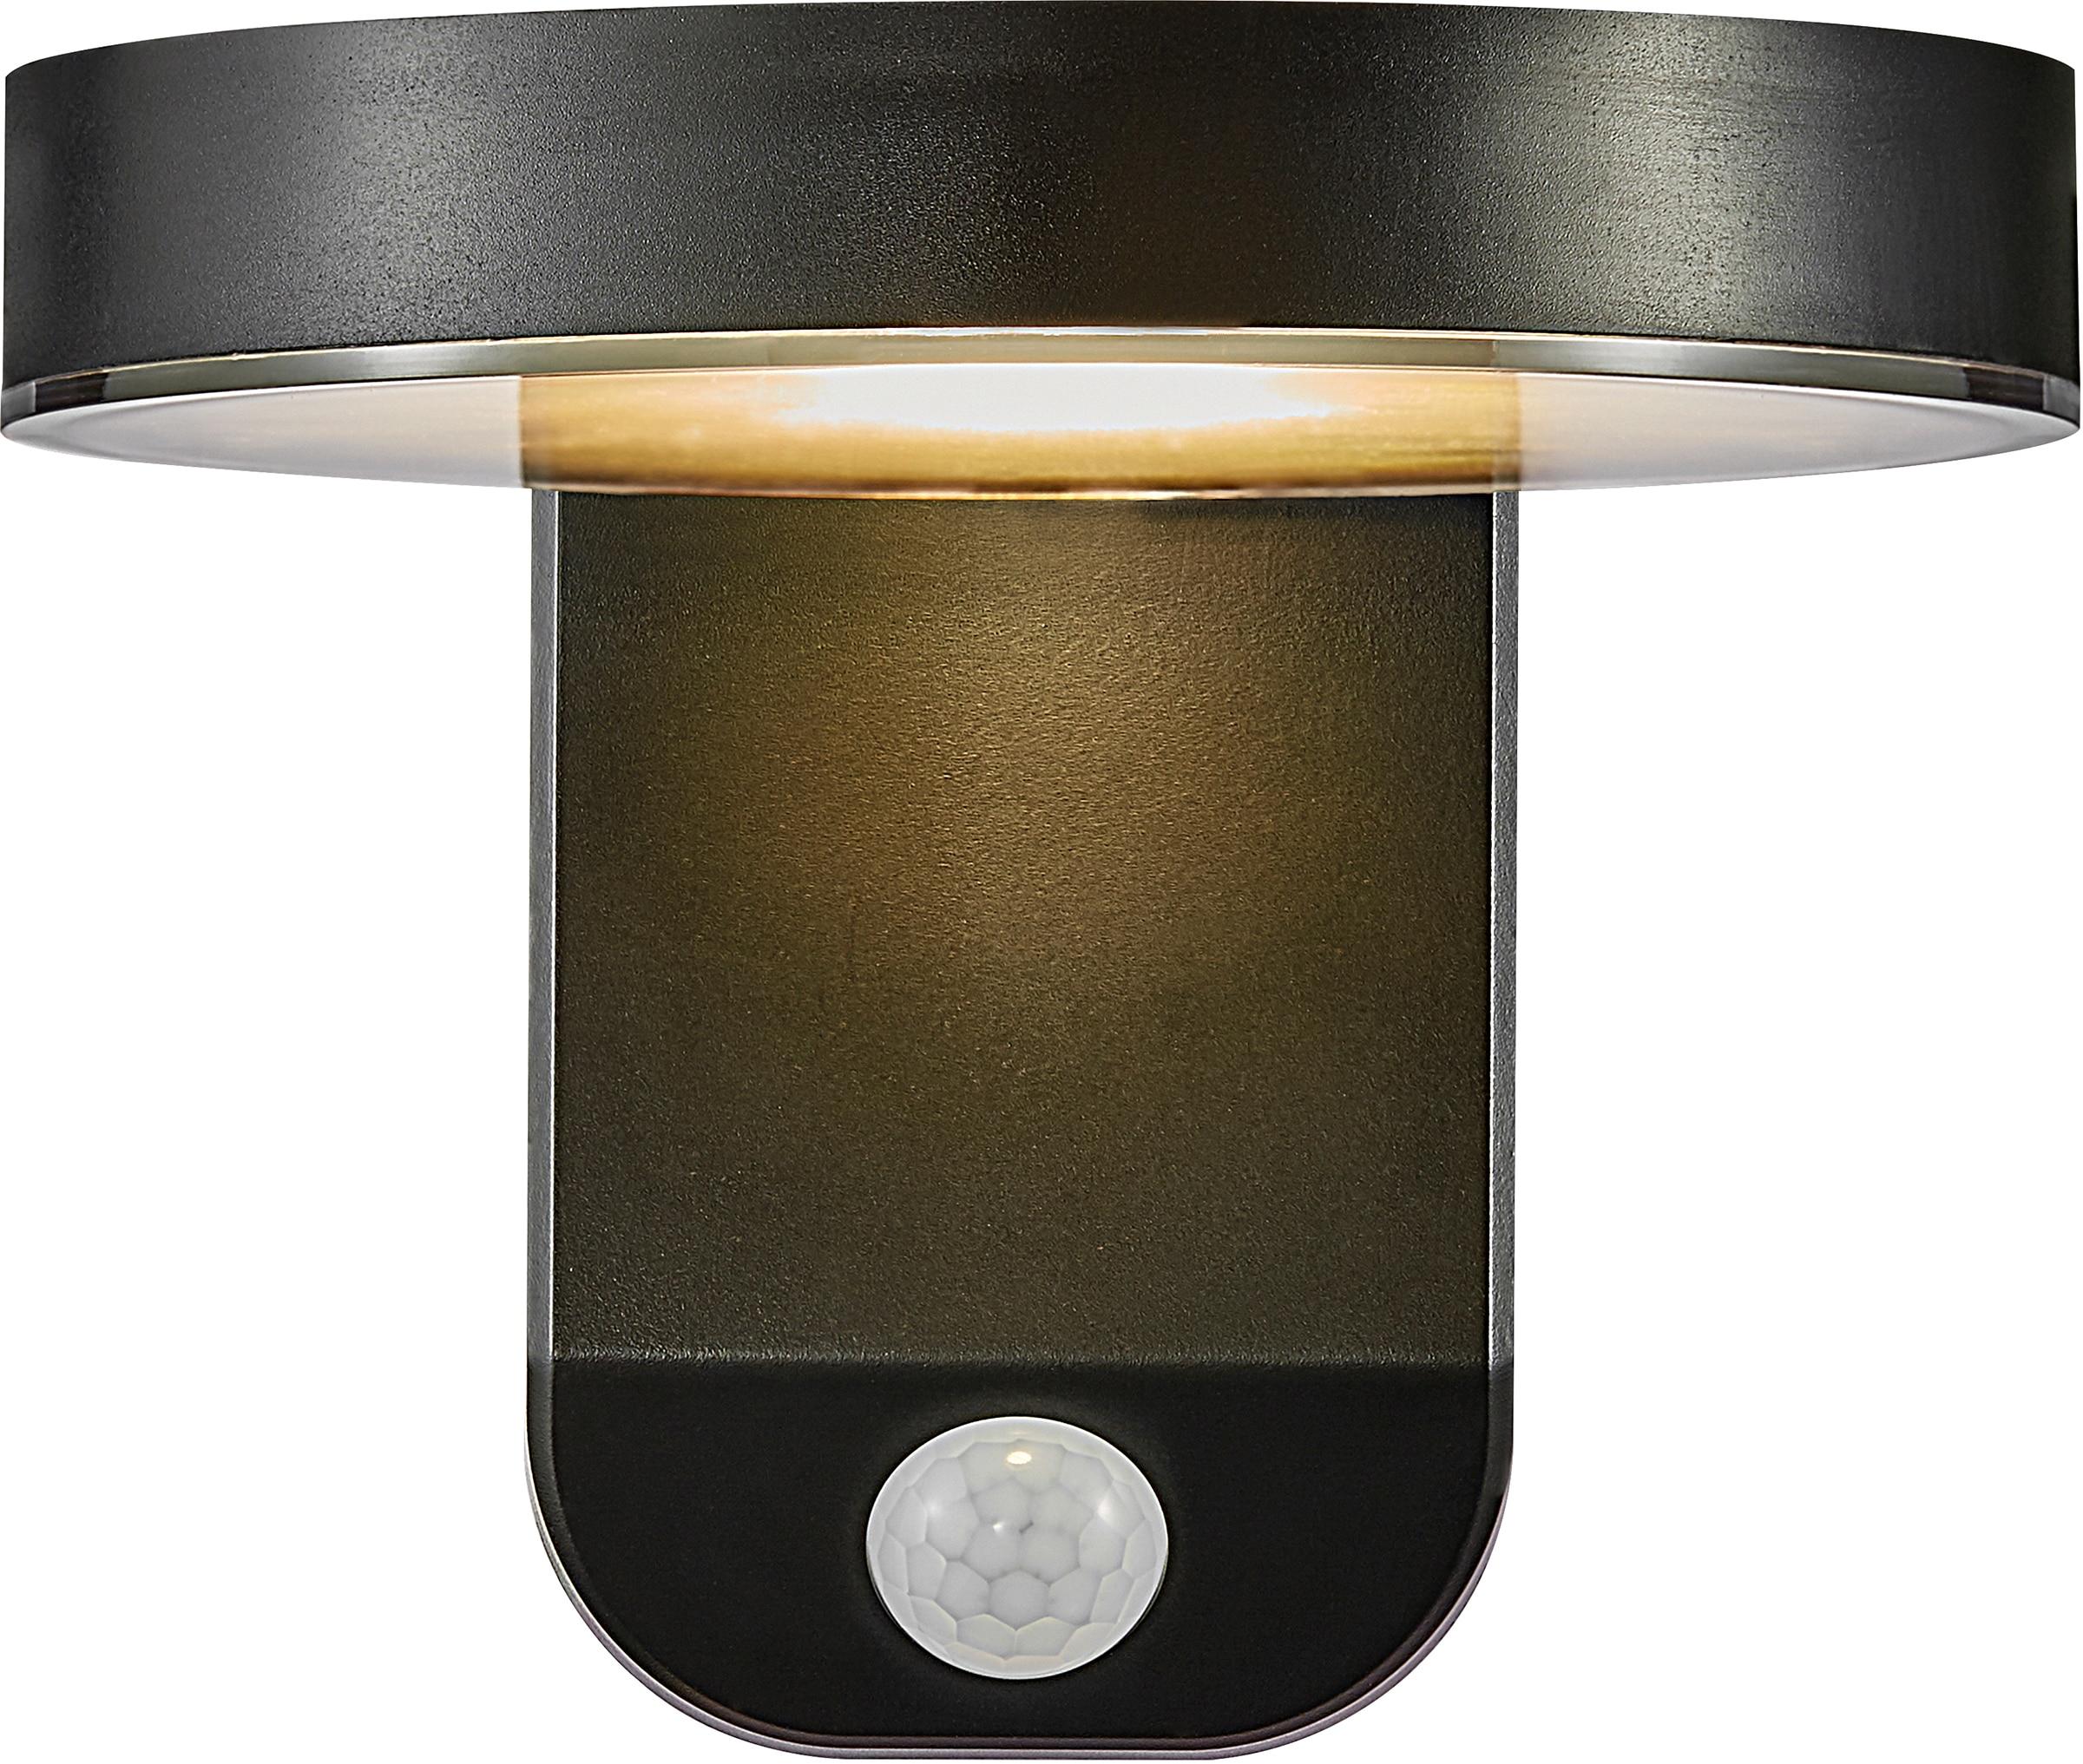 Nordlux LED Außen-Wandleuchte RICA, LED-Modul, 5 Jahre Garantie auf die LED/ Solar Modul